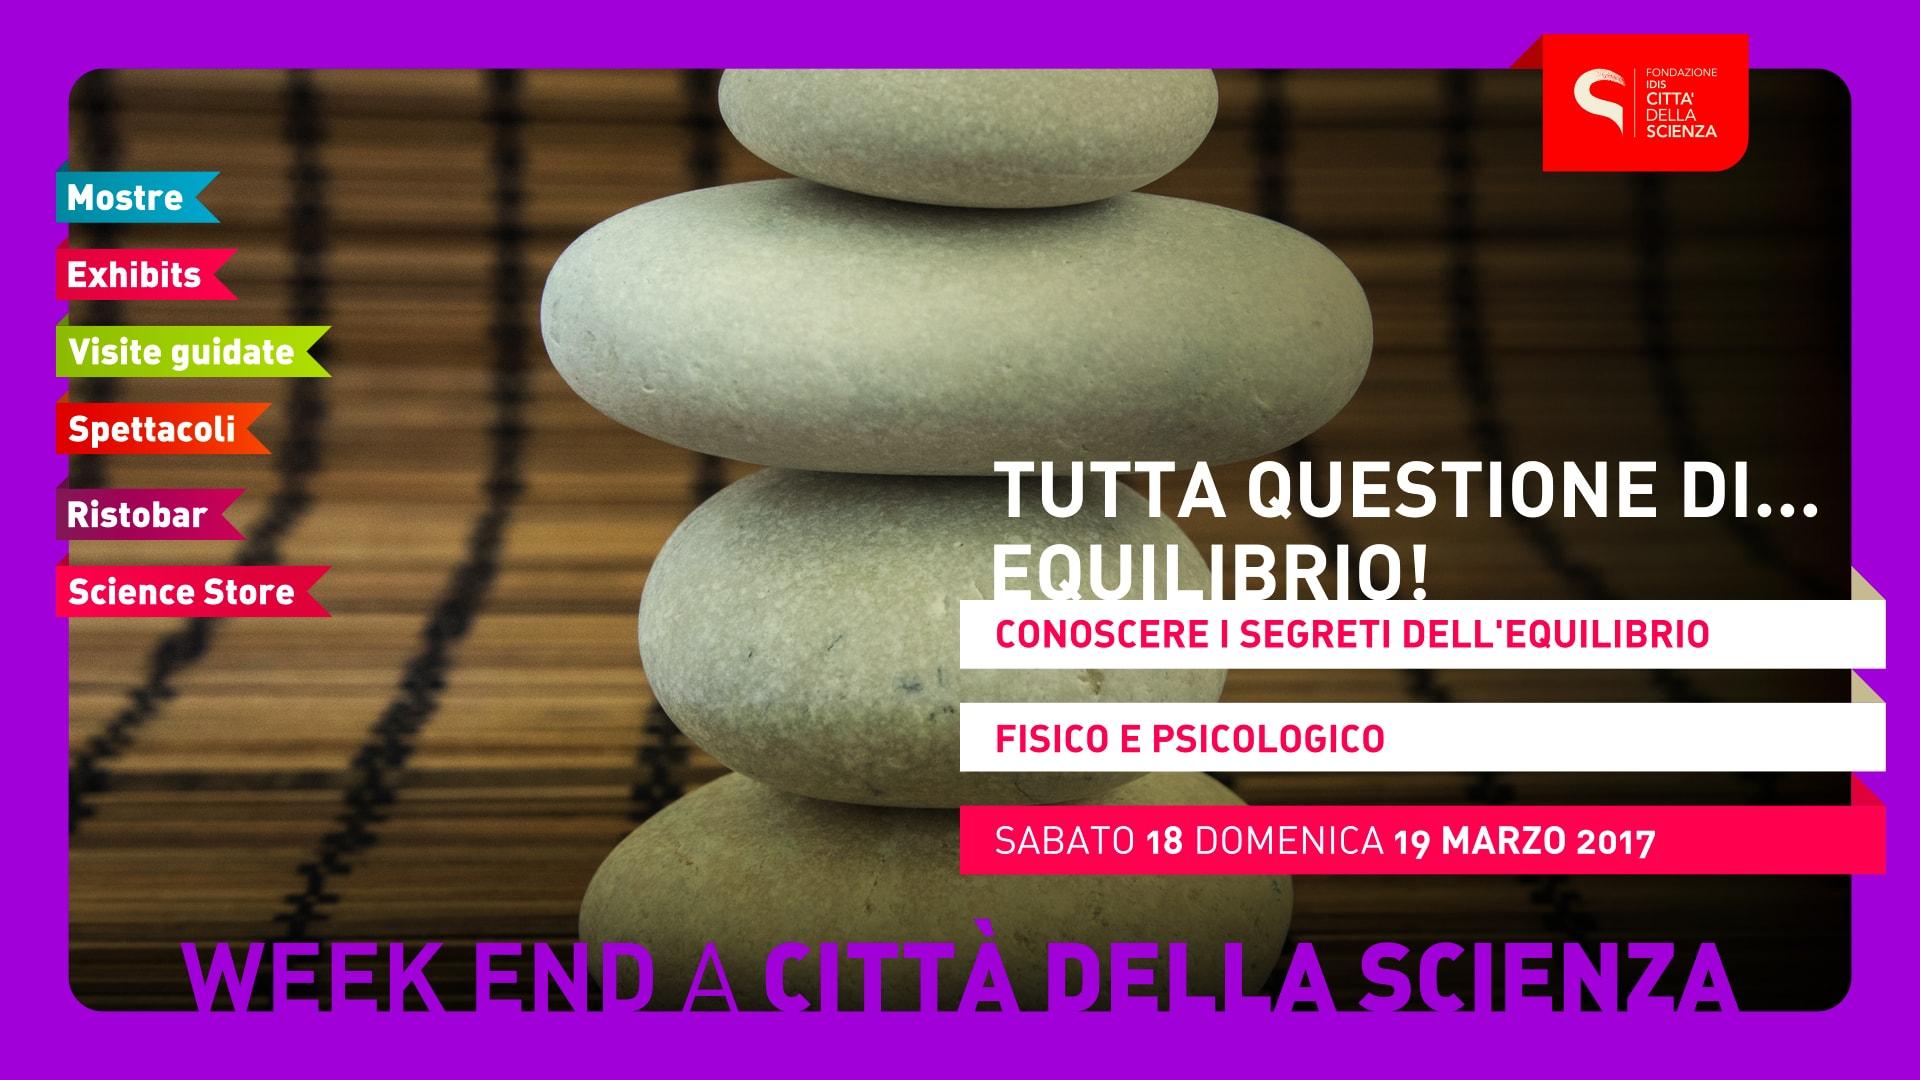 QUESTIONE_DI_EQUILIBRIO_1920_x_1080-min